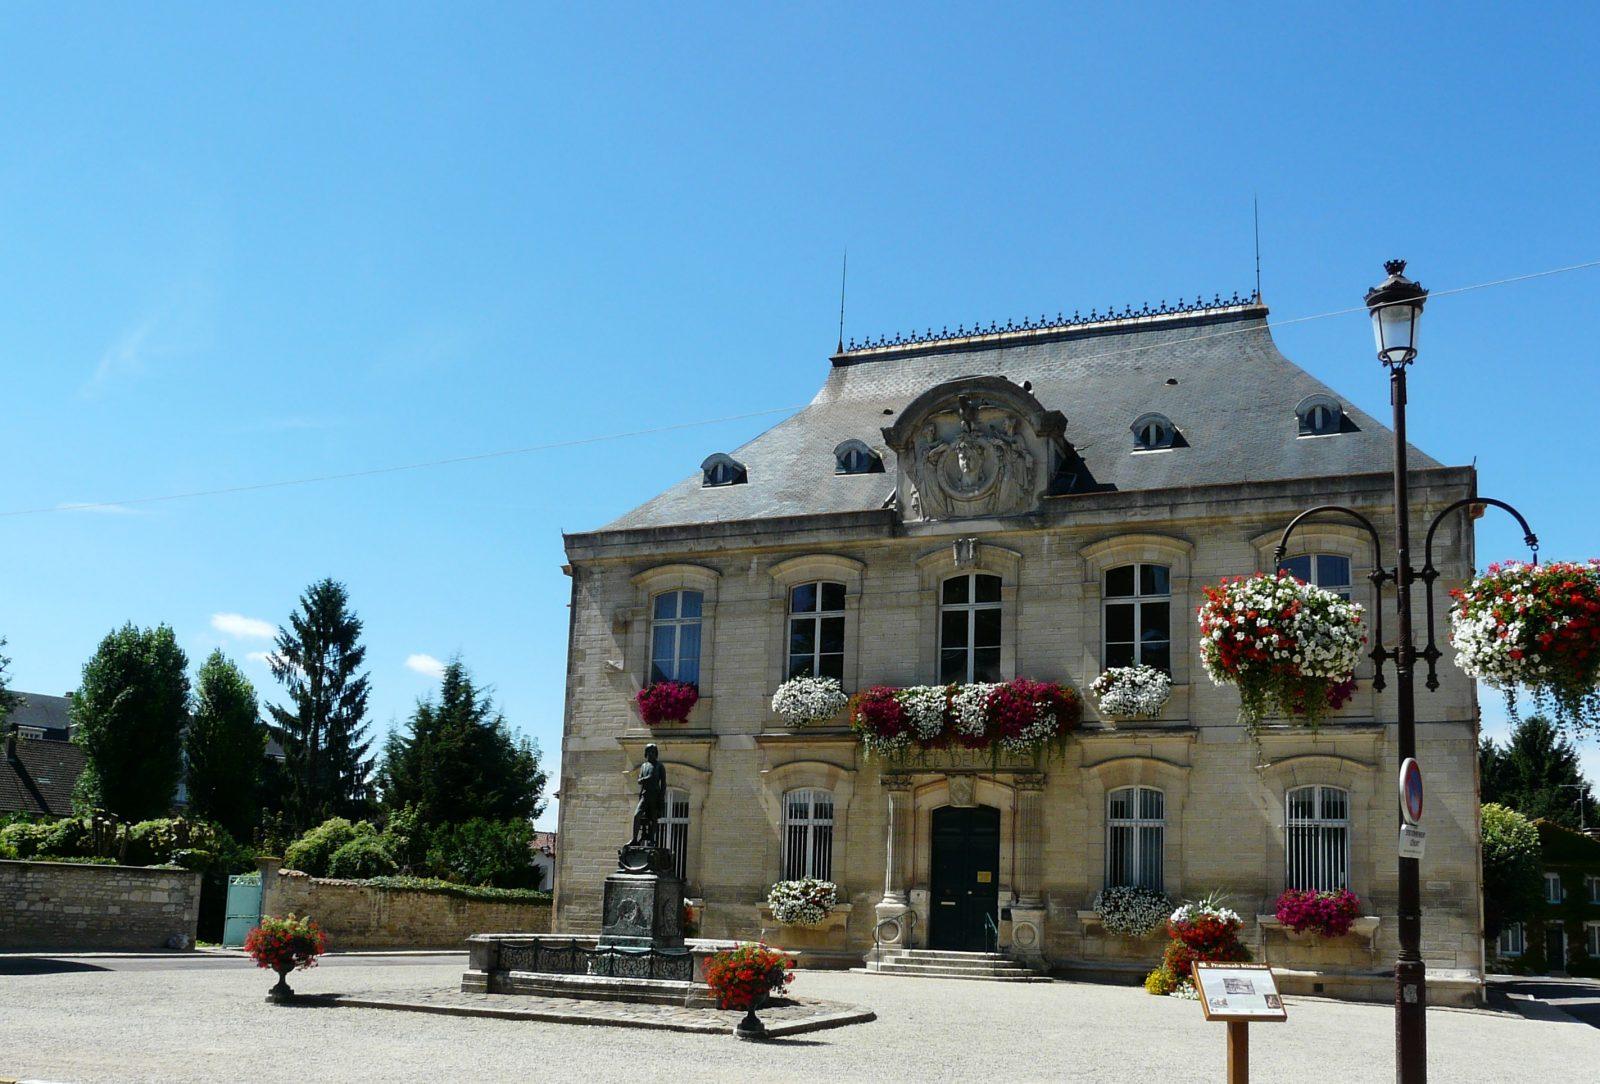 623823_mairie_-_ot_brienne-le-chateau_al_23